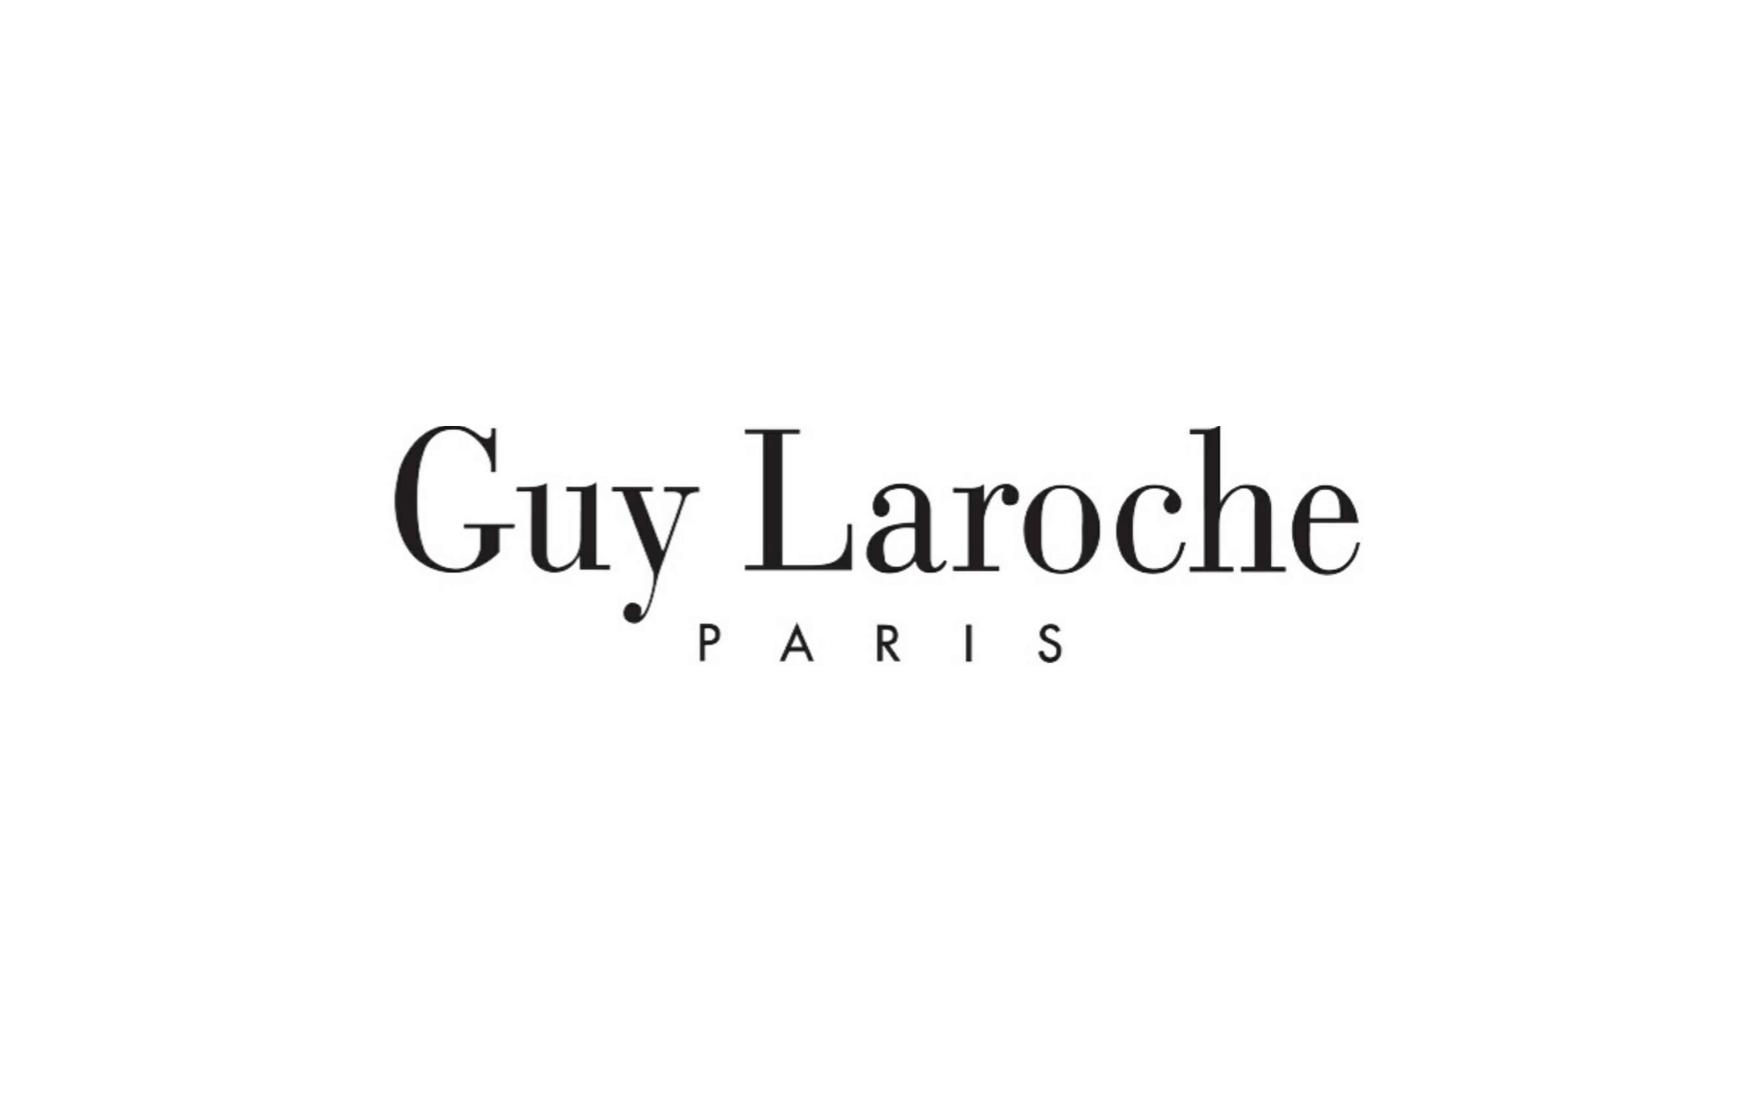 غاي لاروش